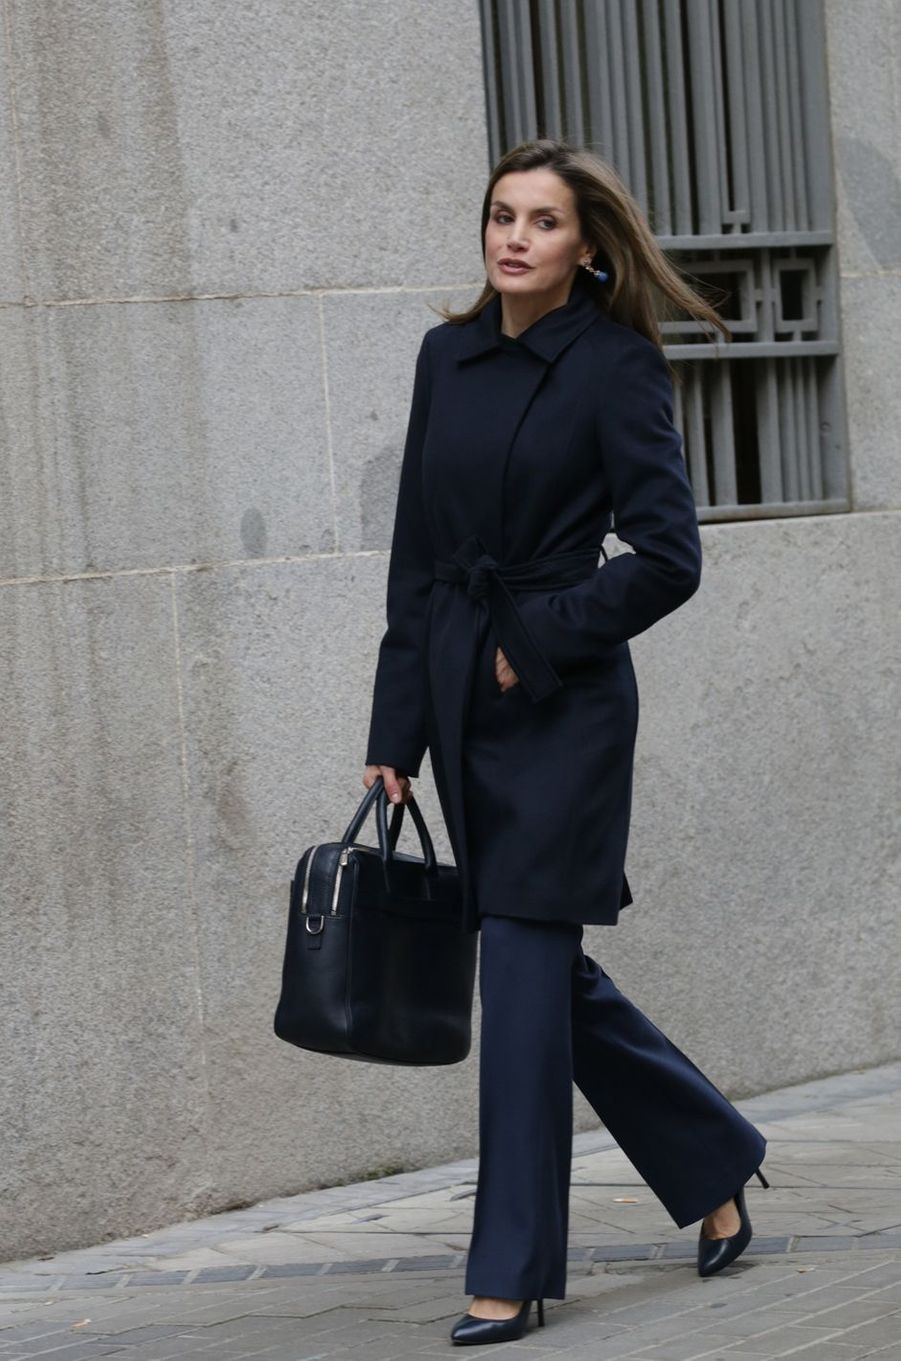 La reine Letizia d'Espagne se rend à une réunion à Madrid, le 10 janvier 2017